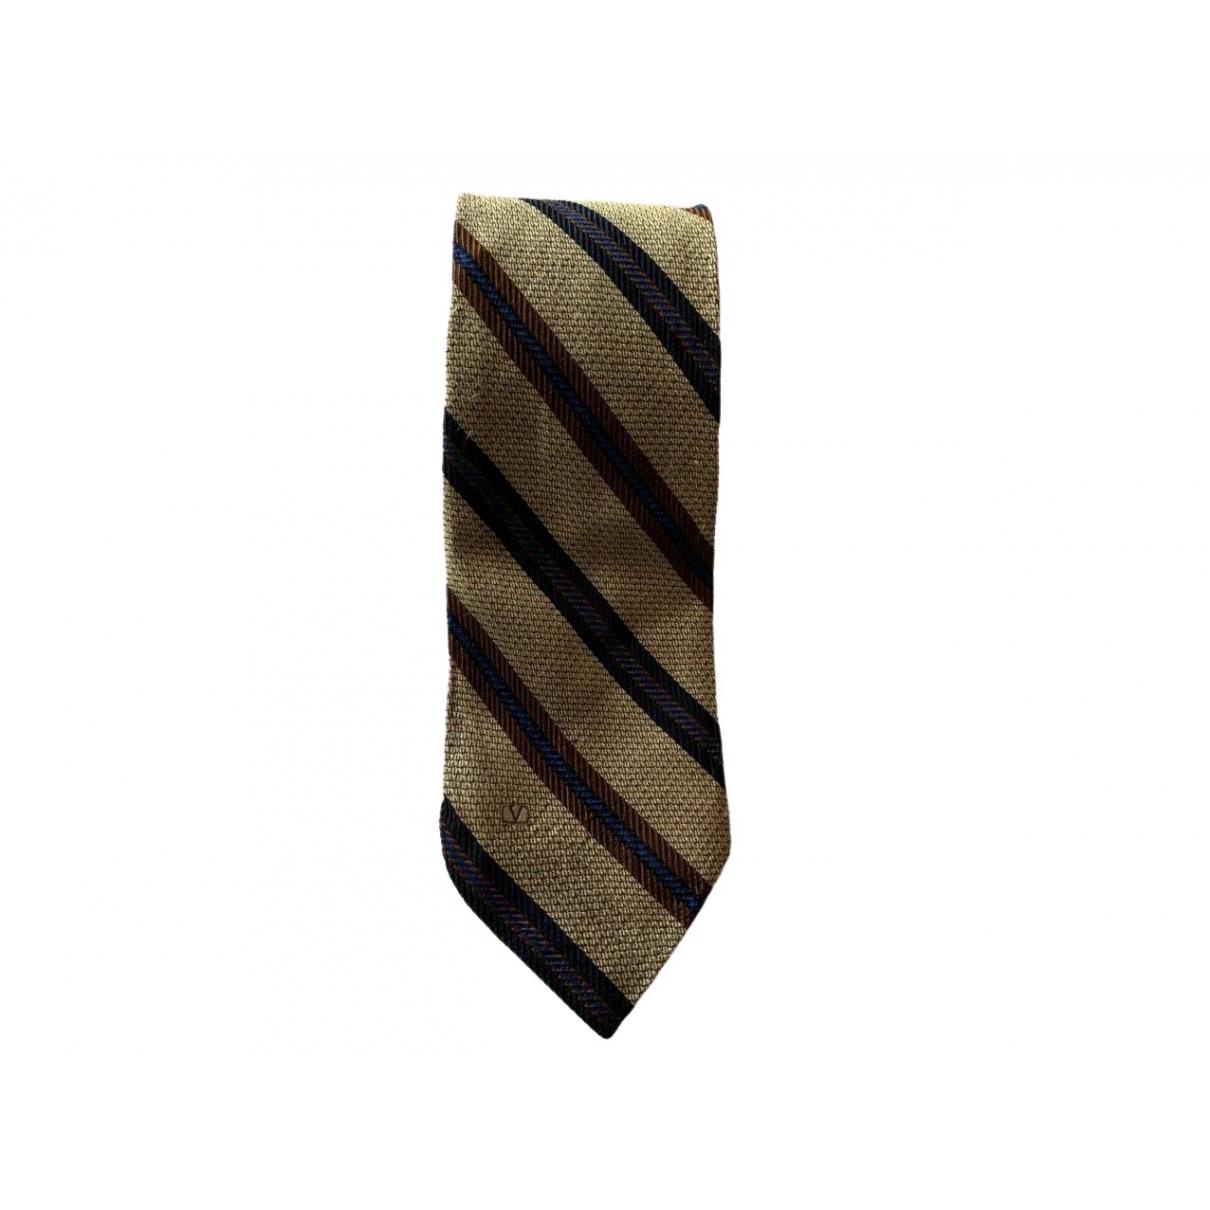 Valentino Garavani - Cravates   pour homme en soie - multicolore